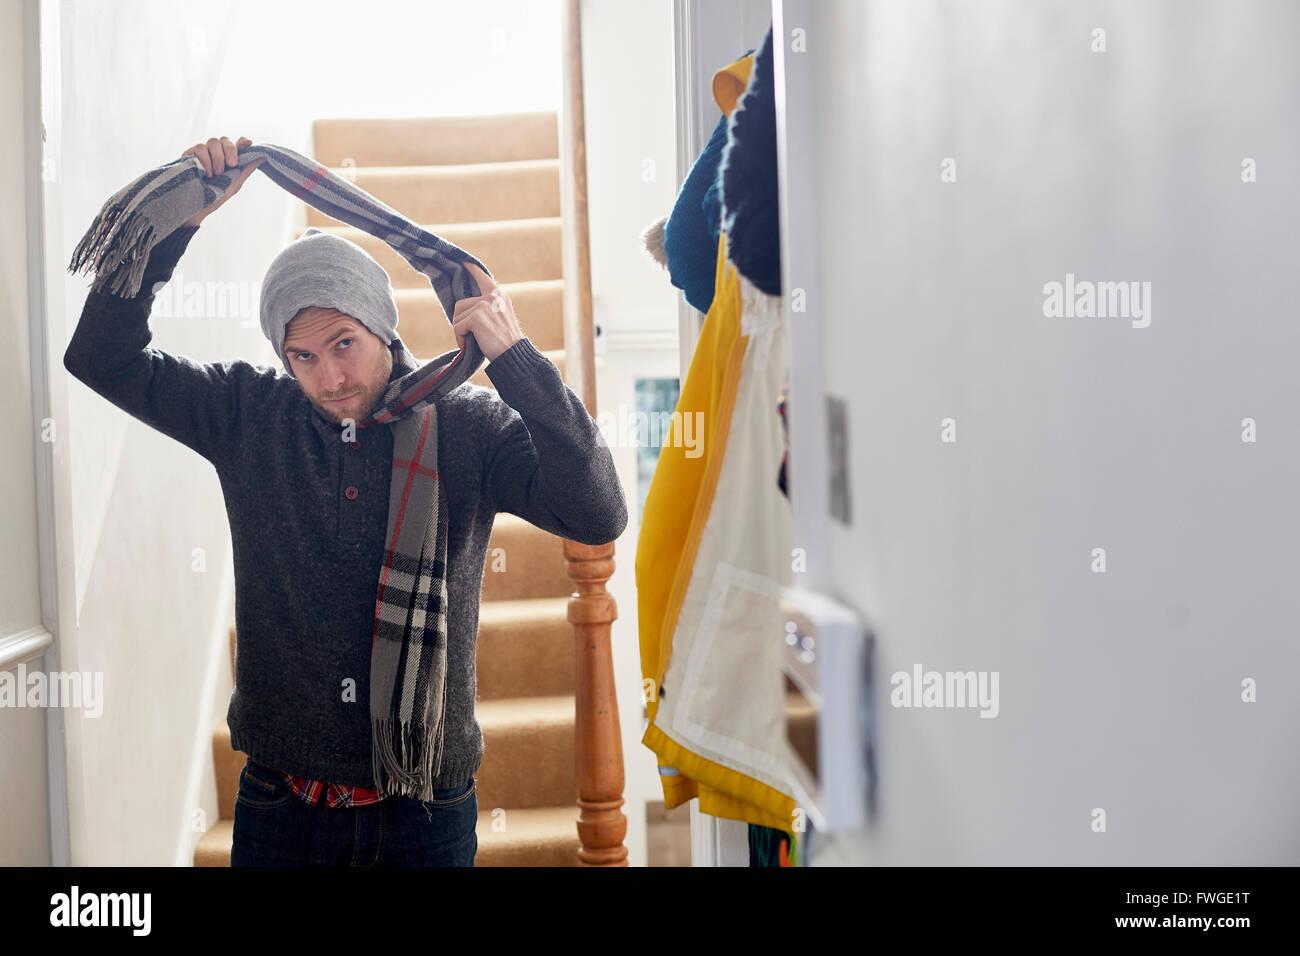 Un uomo in un cappotto invernale, cappello e sciarpa che arrivano a casa prendendo la sciarpa off. Immagini Stock